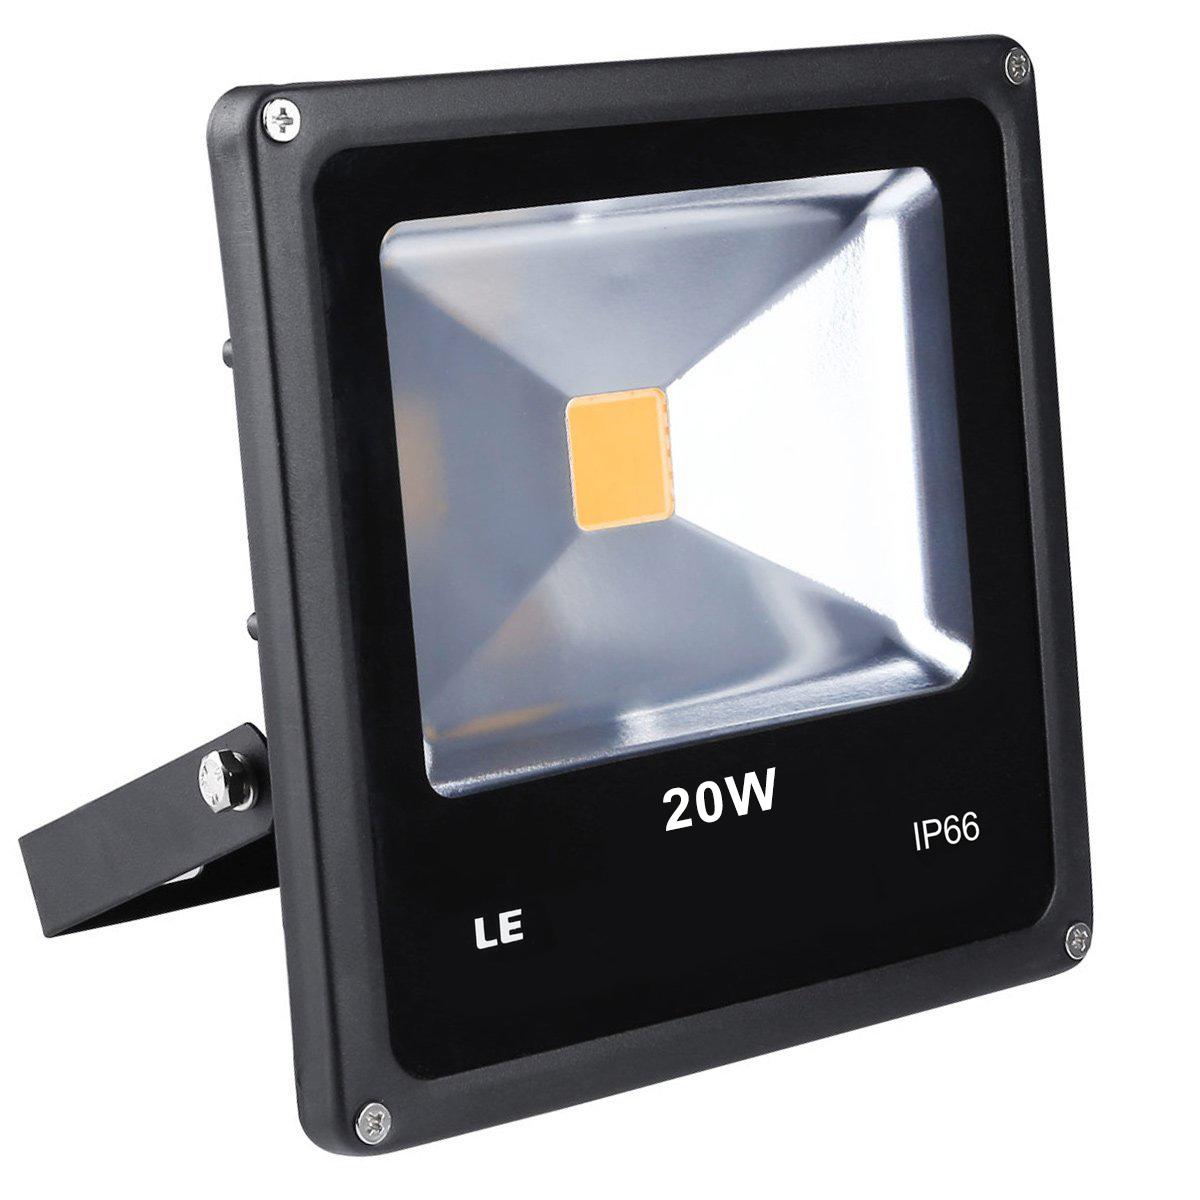 LED Fluter 20W, 1300lm Strahelr, IP66 Wasserdicht, ersetzt 200W Halogenlampe, Warmweiß